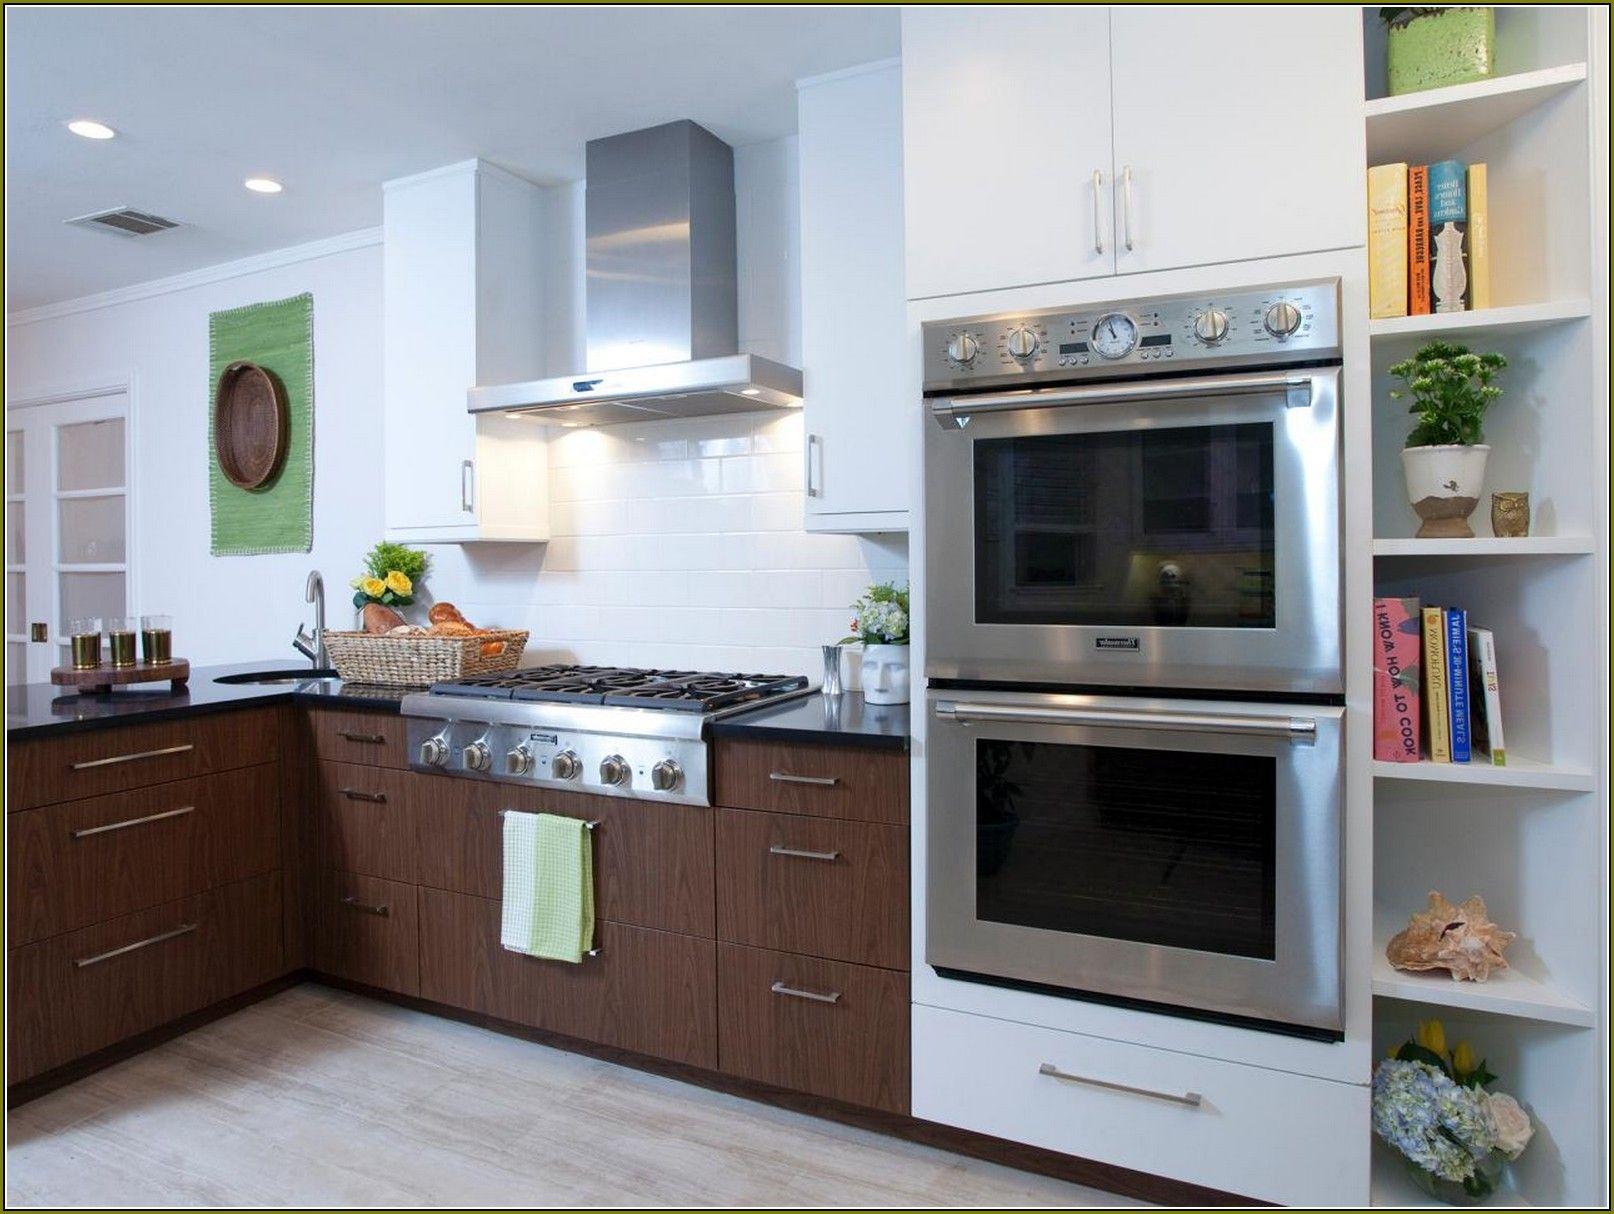 Küchenschränke in der garage  schöne doppel backofen küche ideen bilder  ziehen sie heraus